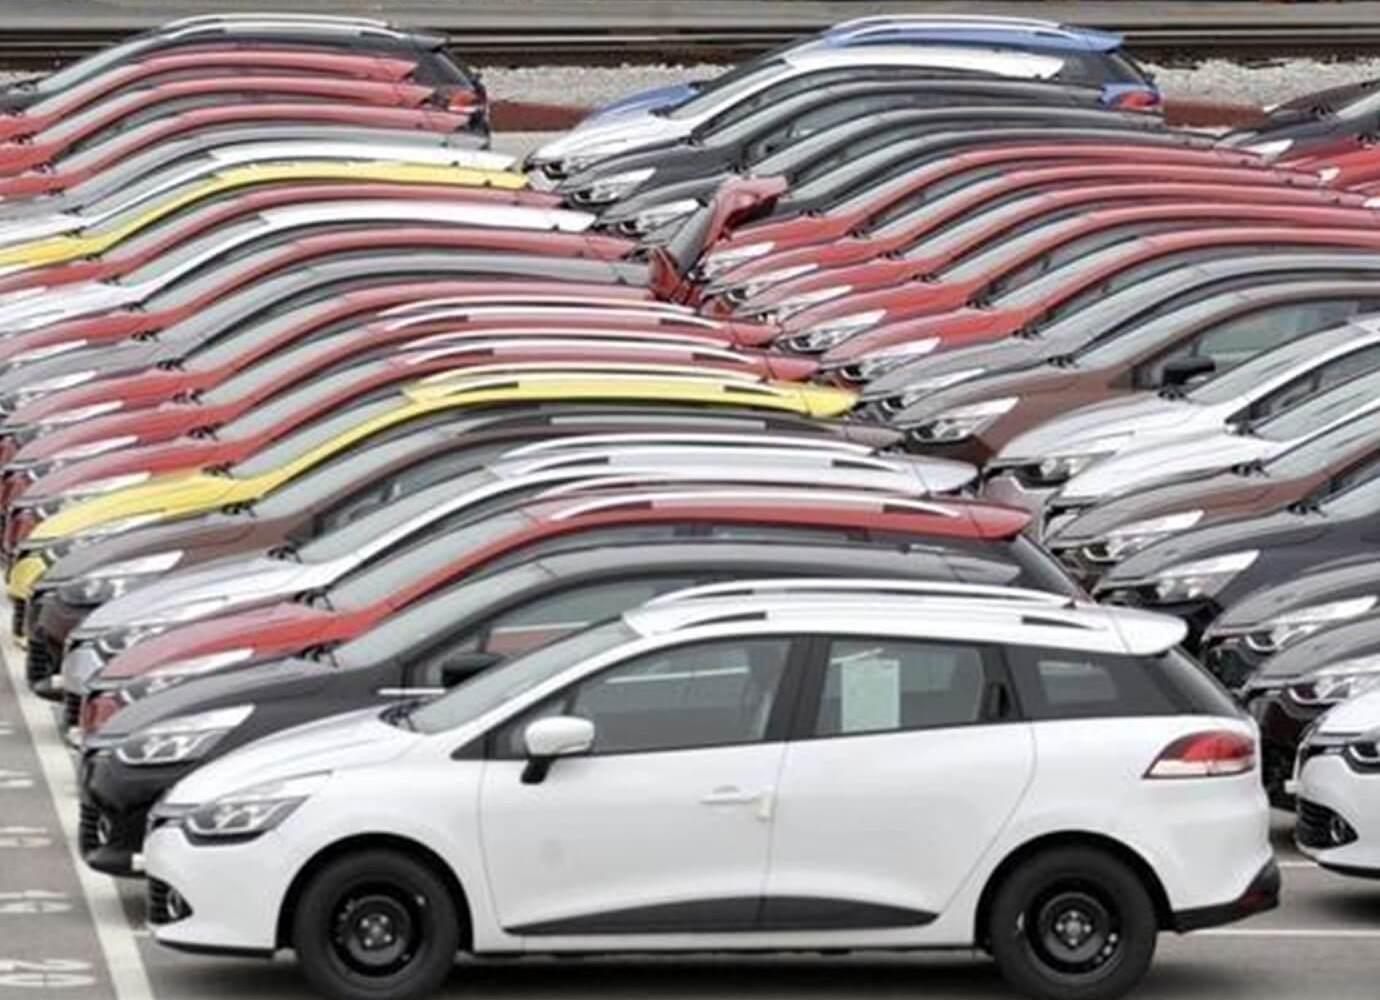 تعرف على أسعار السيارات فى مصر خلال شهر سبتمبر إنفوجراف جريدة